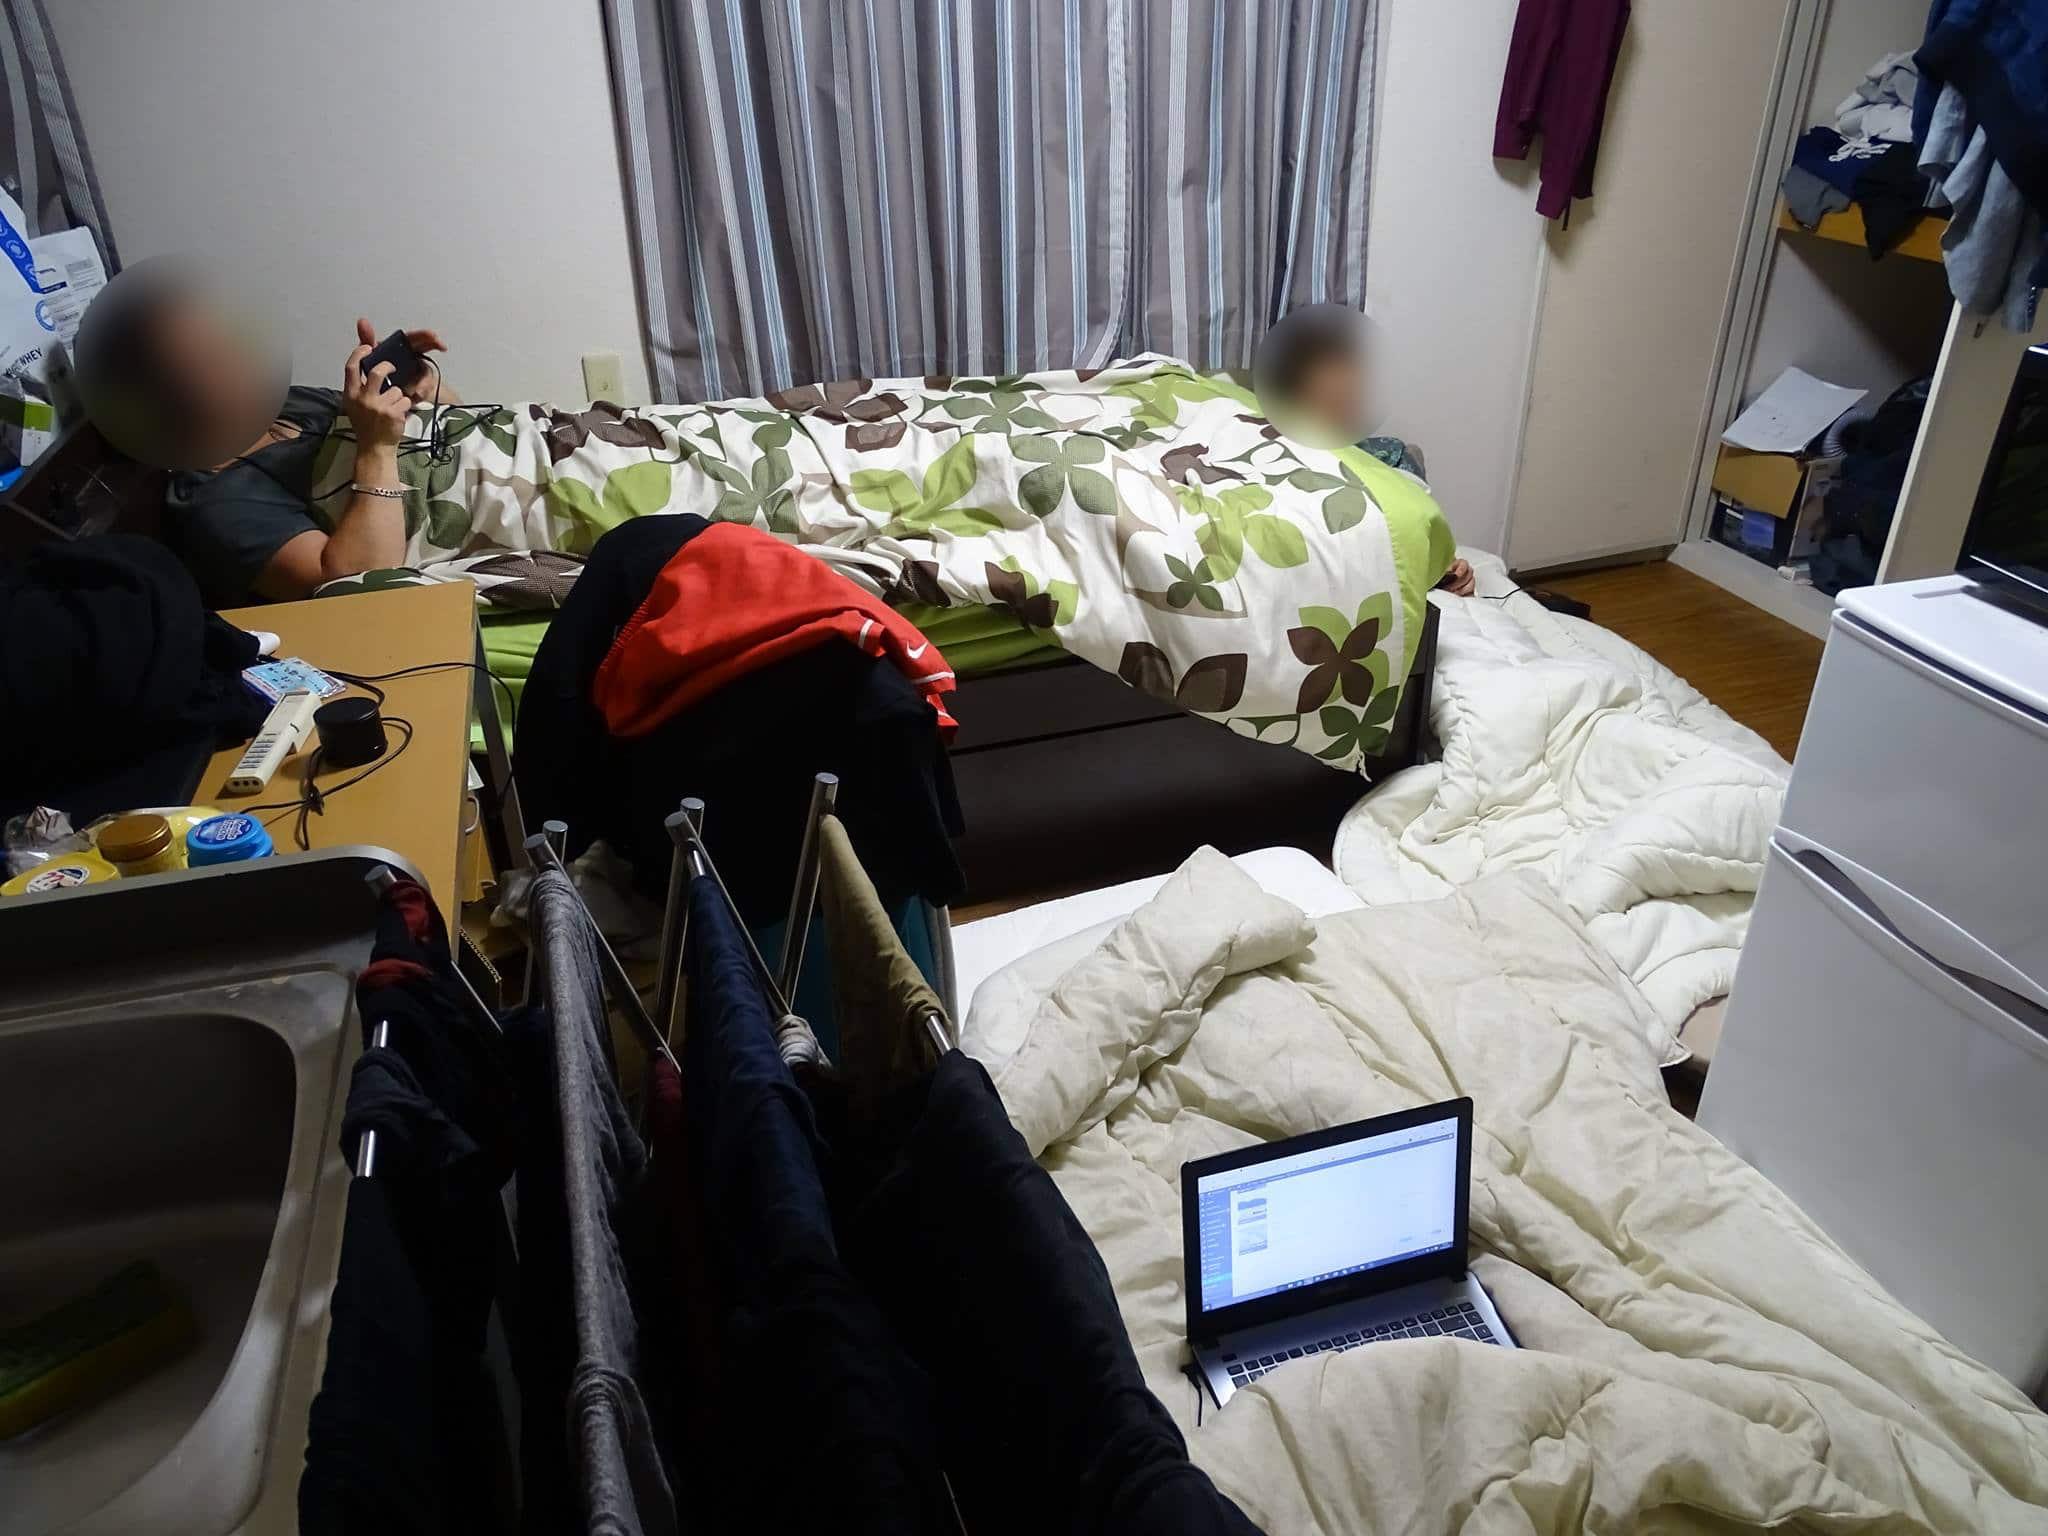 vivre au japon archives nihonkara. Black Bedroom Furniture Sets. Home Design Ideas